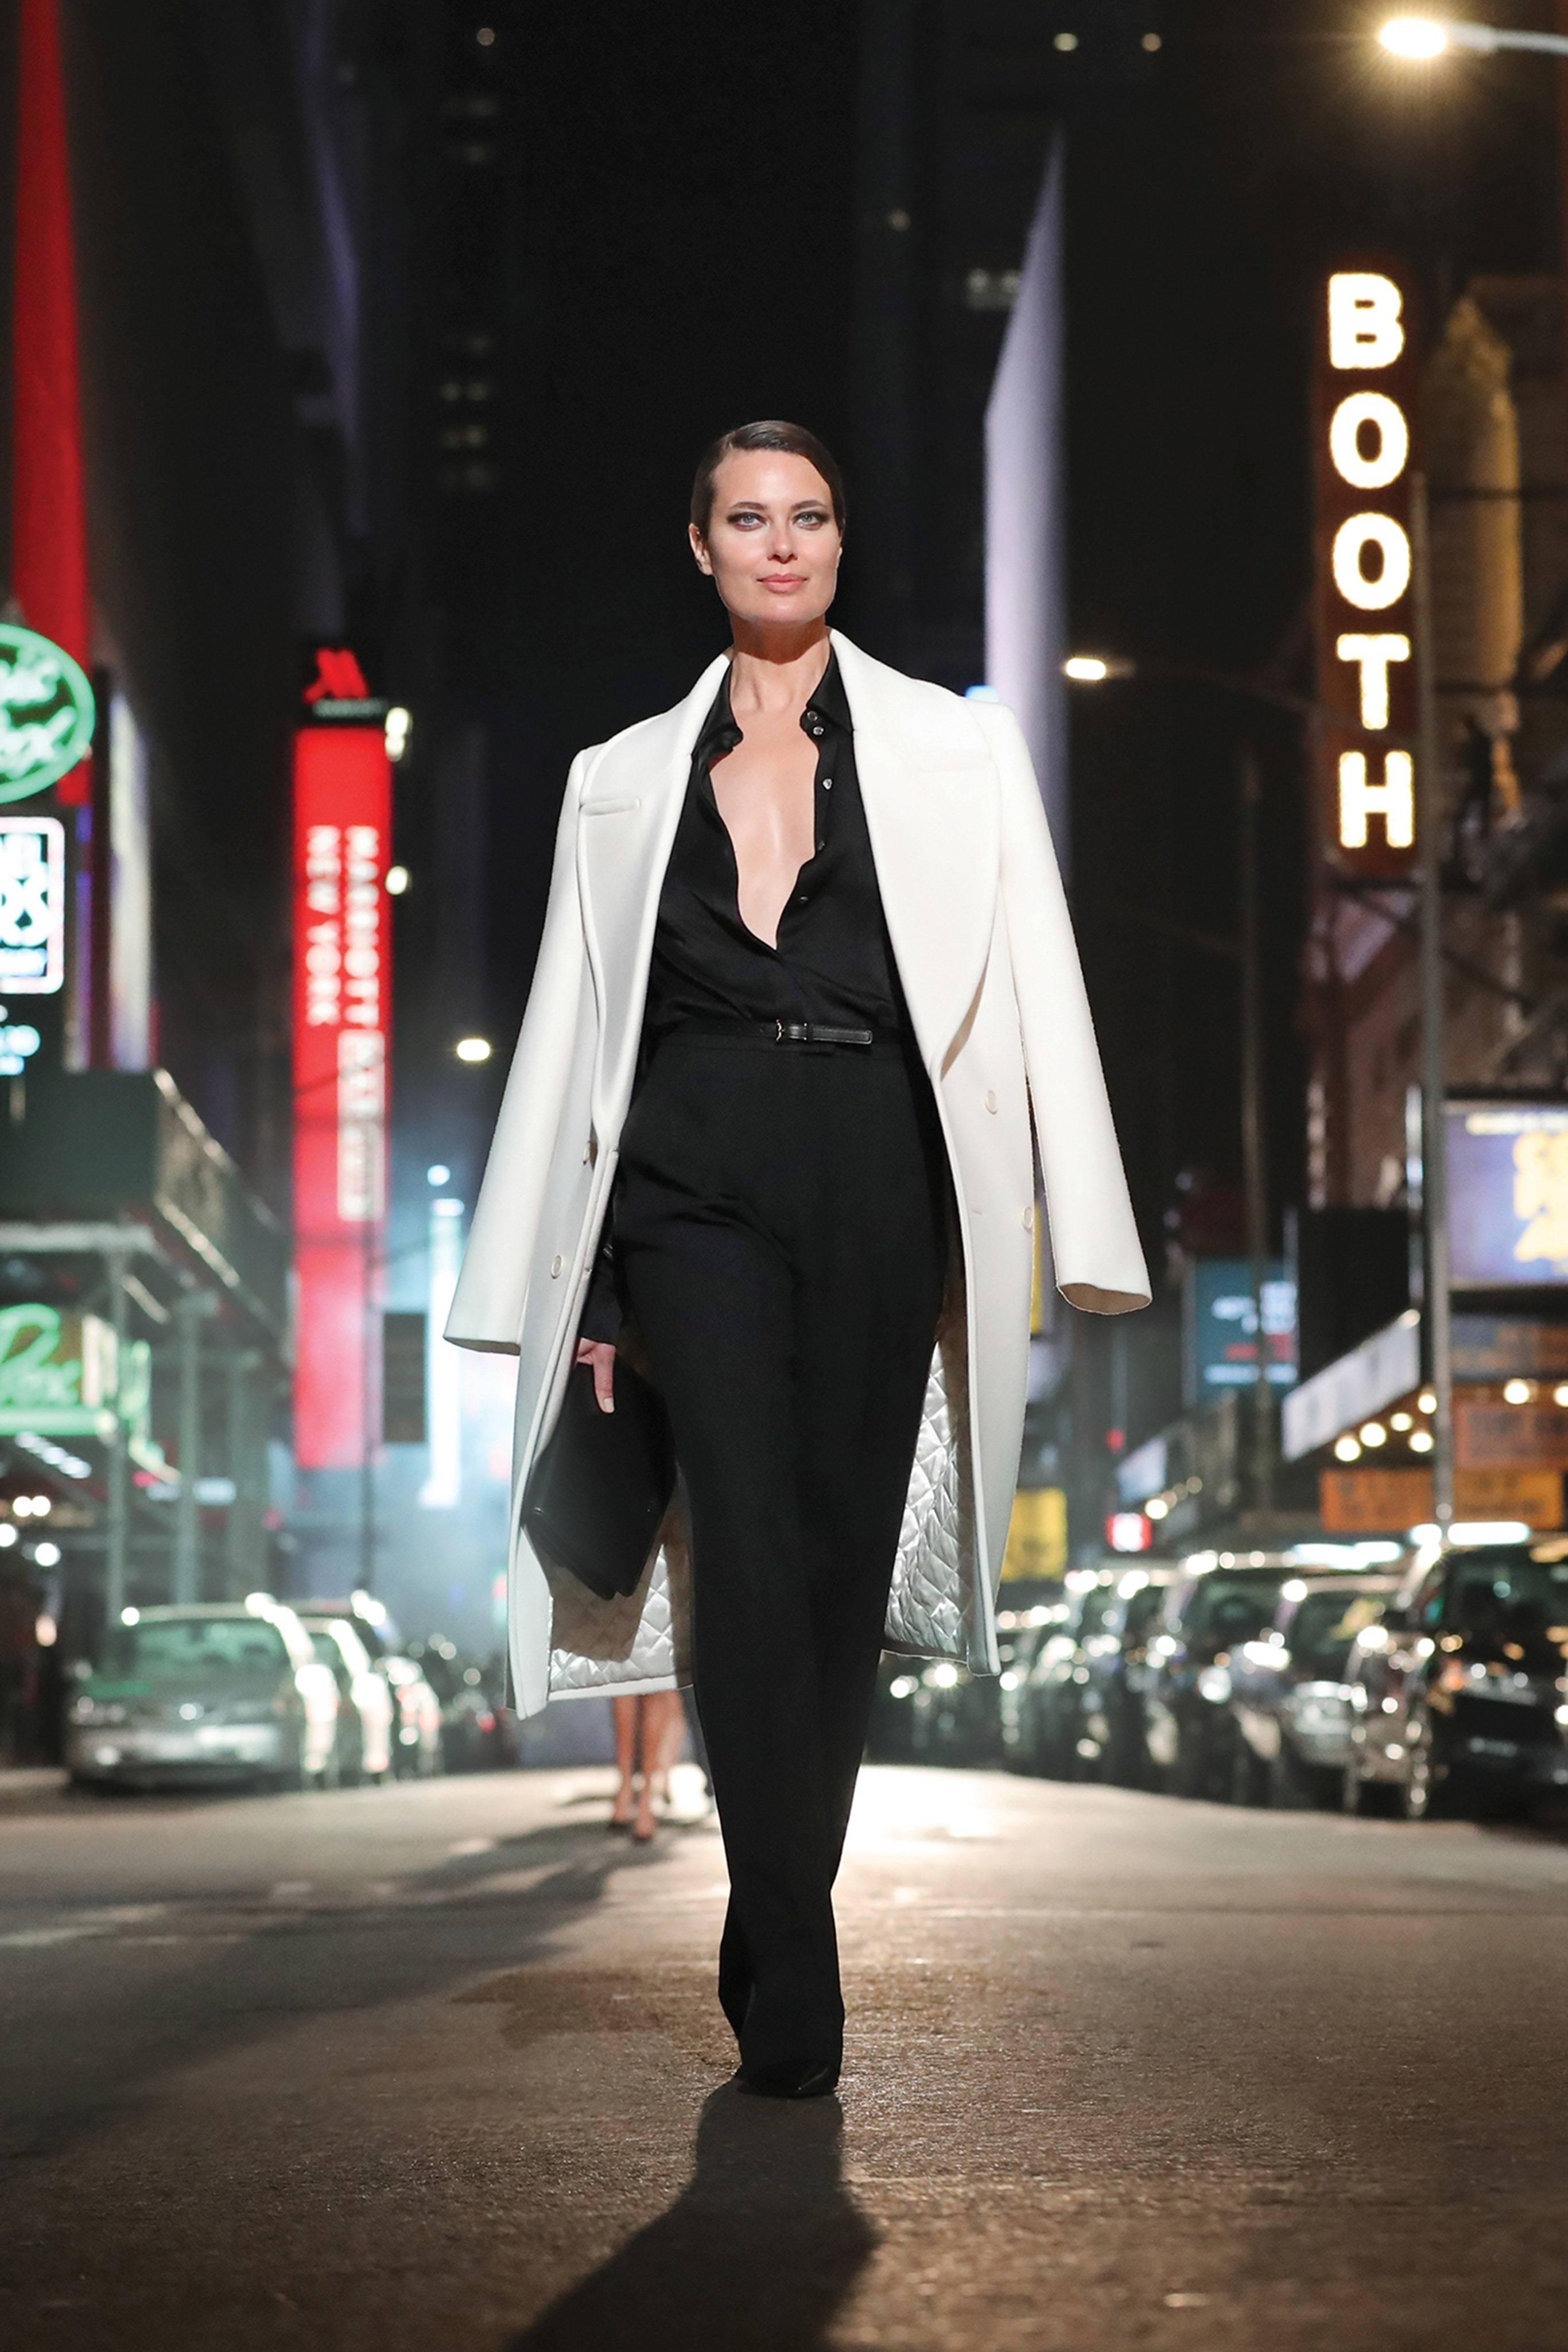 Michael Kors провел показ в центре Нью-Йорка в честь 40-летия бренда (фото 7)